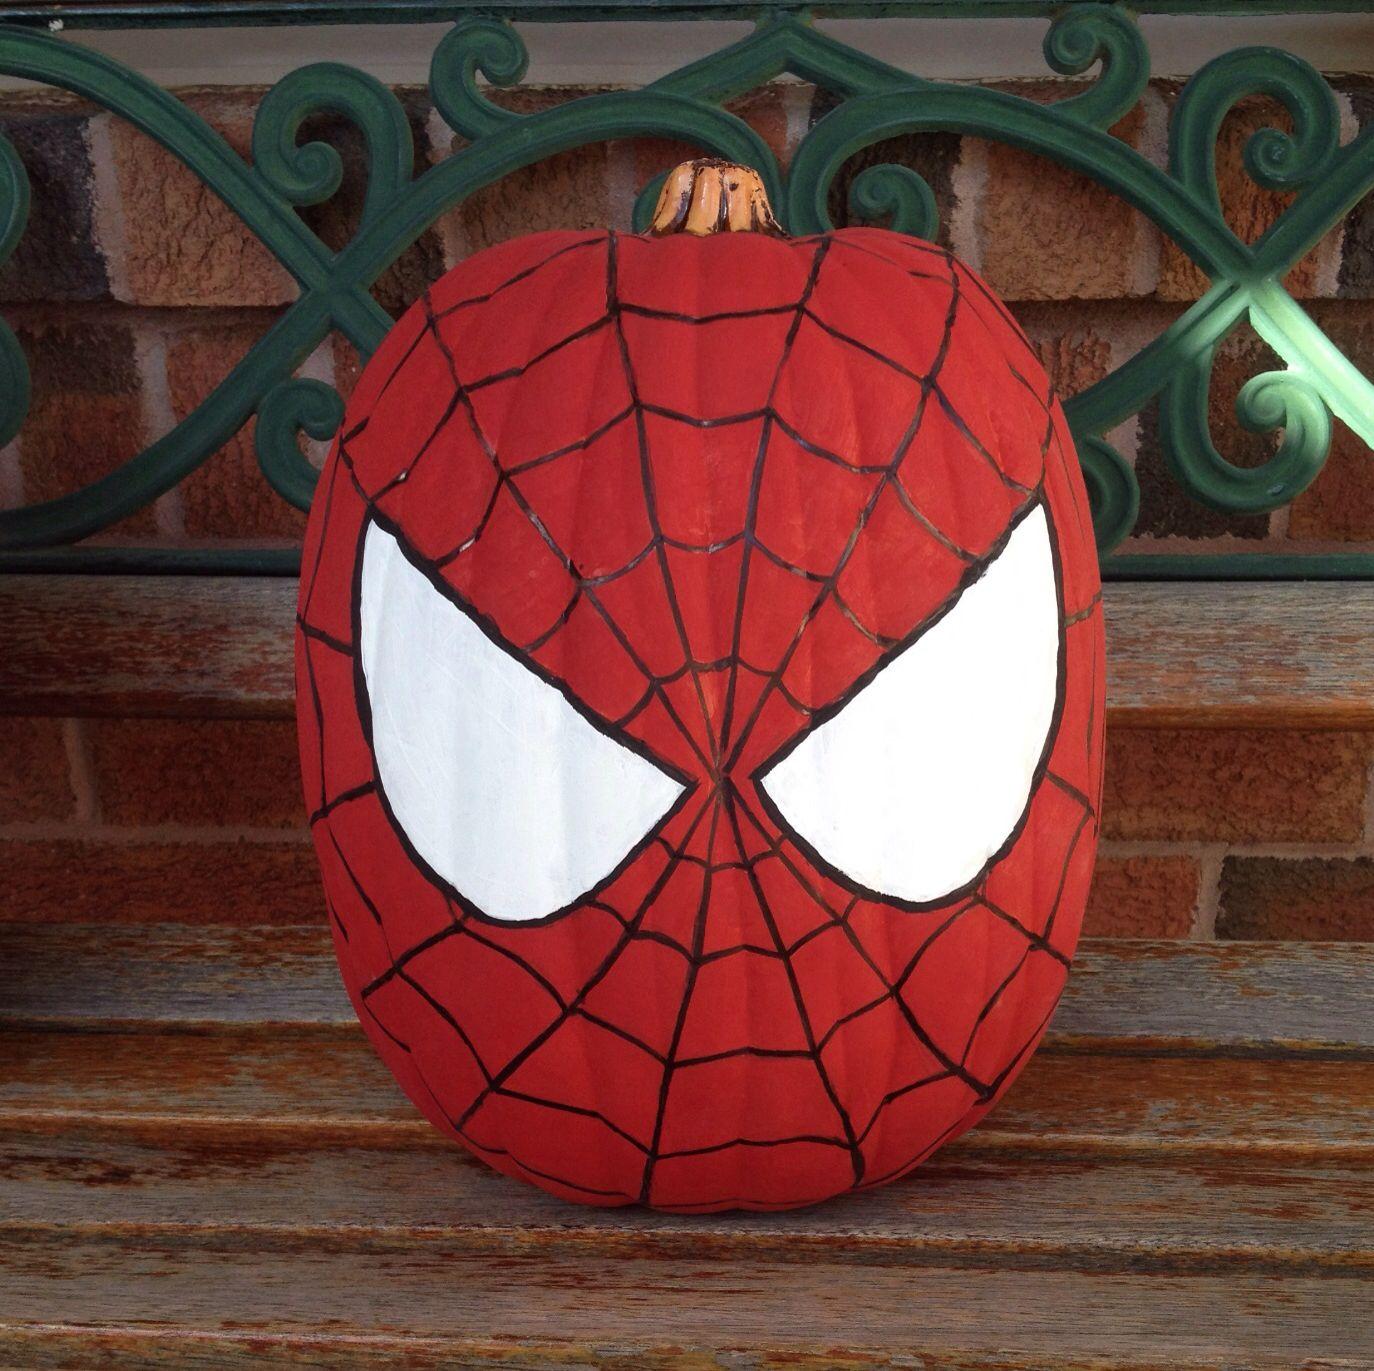 My Spider-Man painted pumpkin. Spiderman pumpkin. Halloween ...